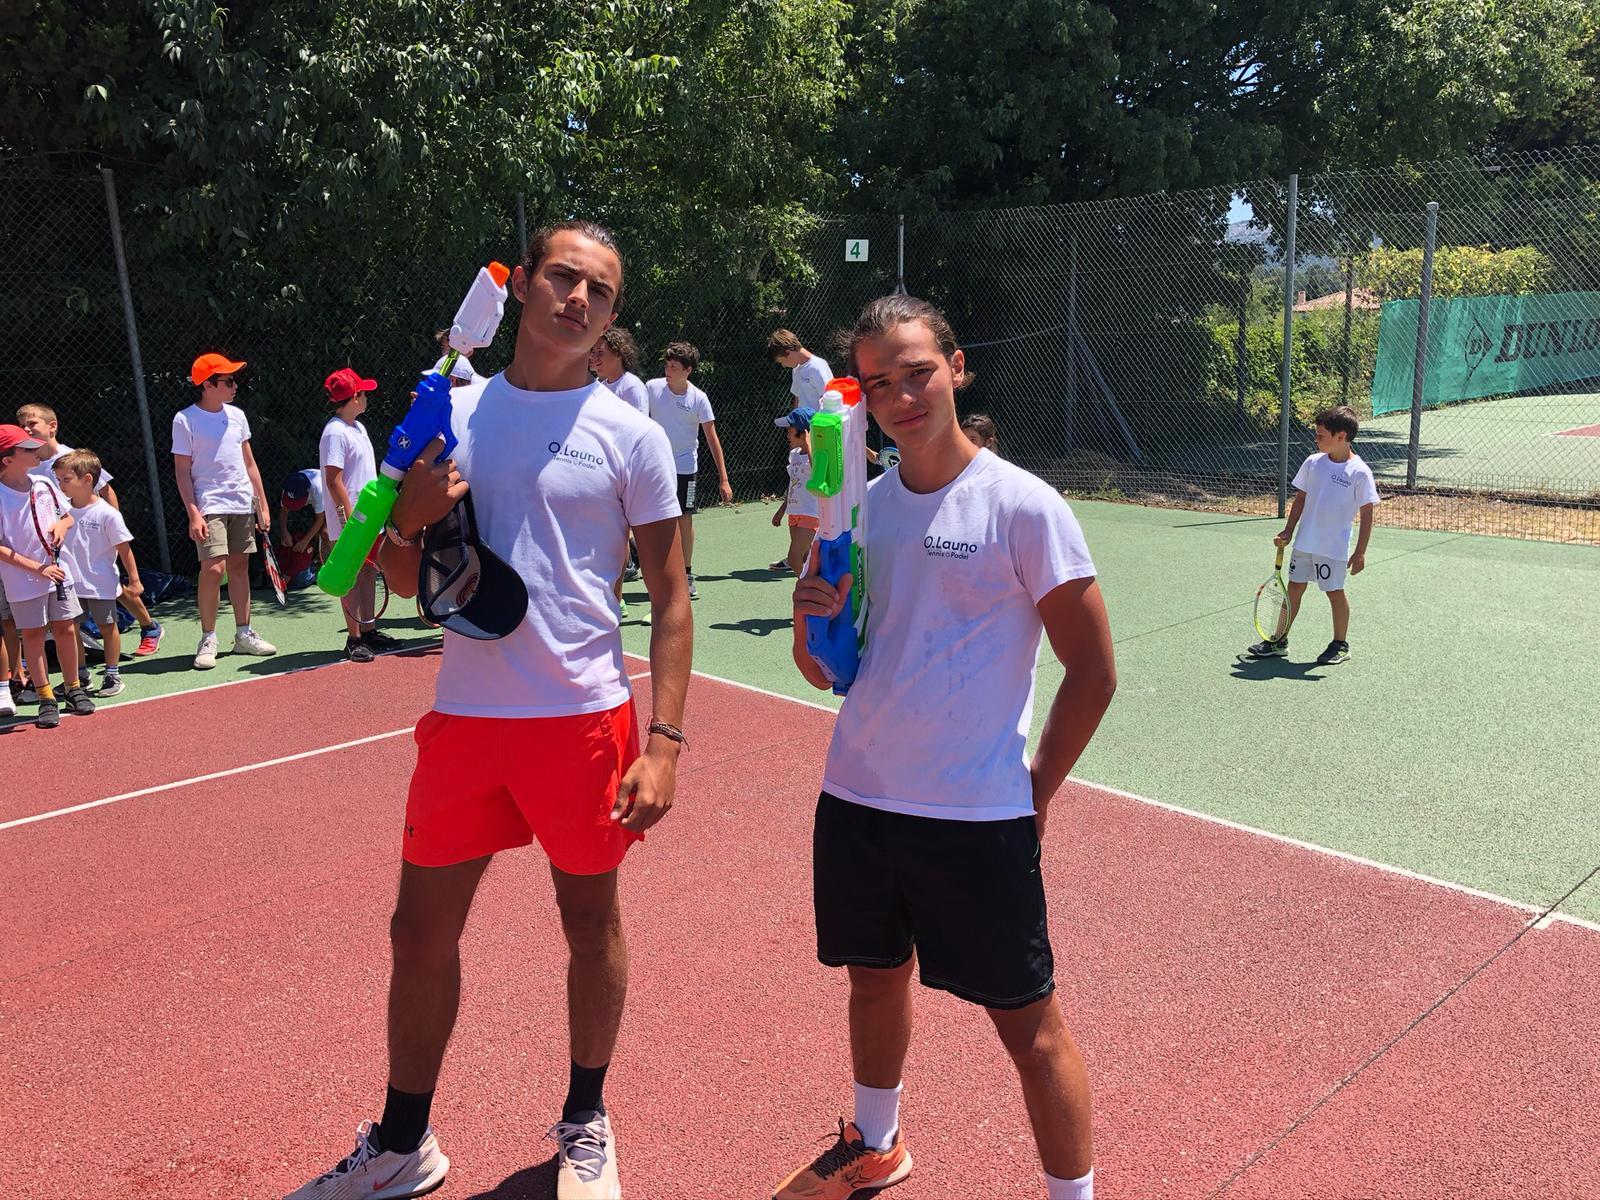 ecole de tennis du park - les accates - olivier launo 6